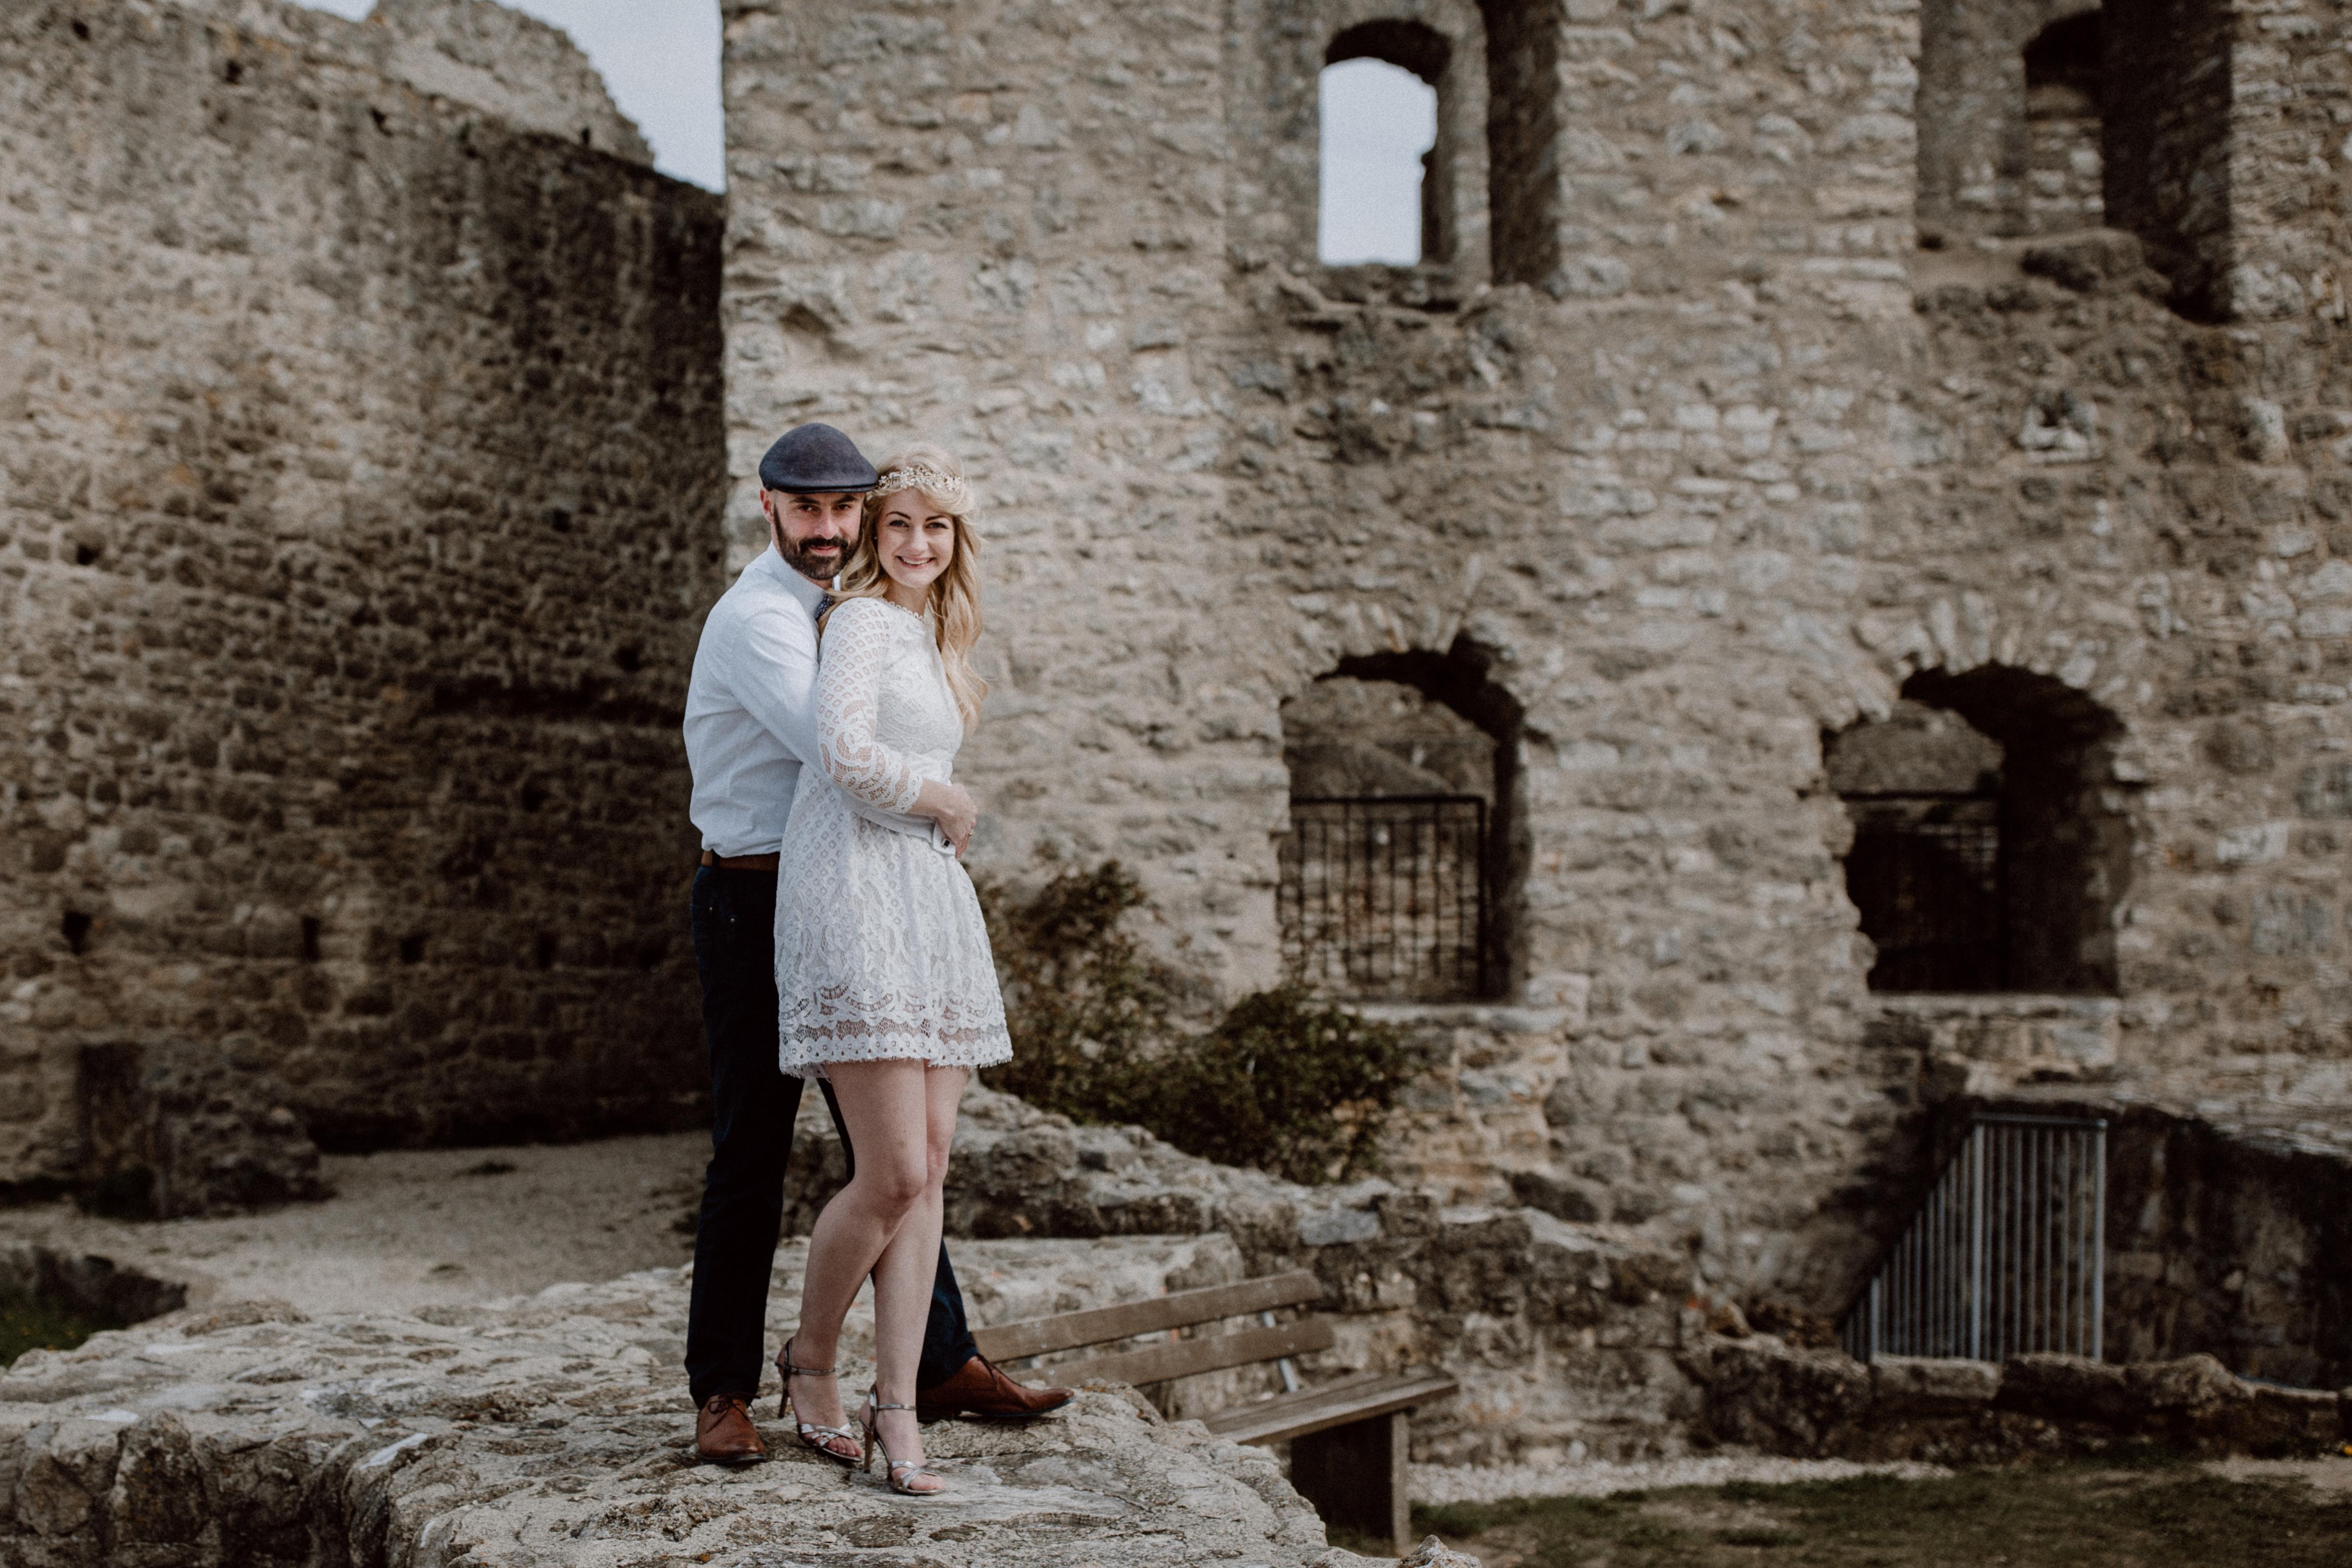 URBANERIE_Daniela_Goth_Hochzeitsfotografin_Nürnberg_Fürth_Erlangen_Schwabach_170415_001_0080